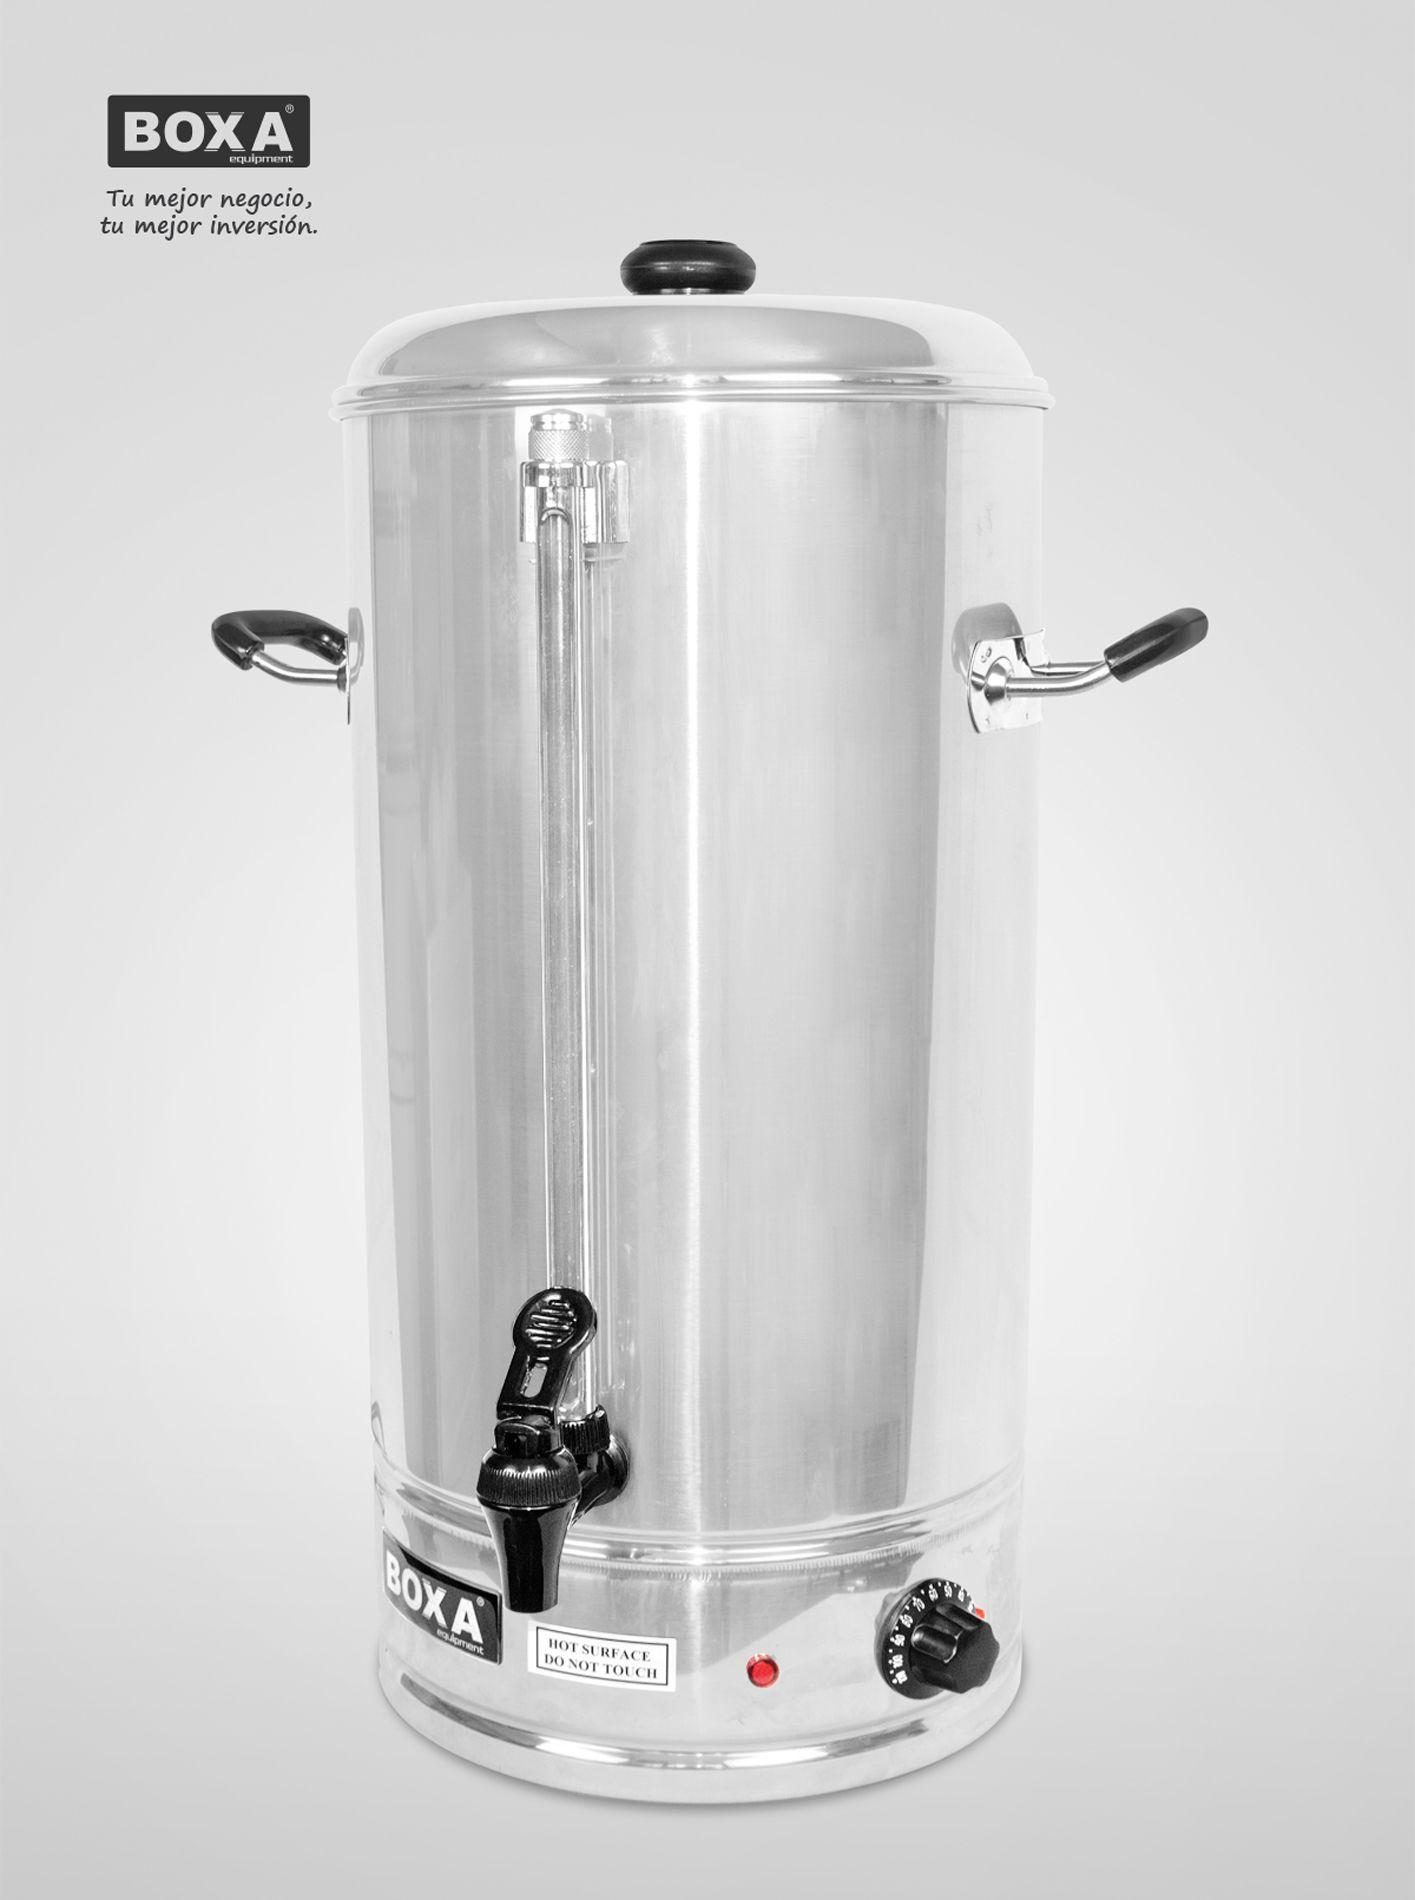 Hervidor de agua el ctrico de 20 litros boxa ryusac - Hervidor de agua electrico ...